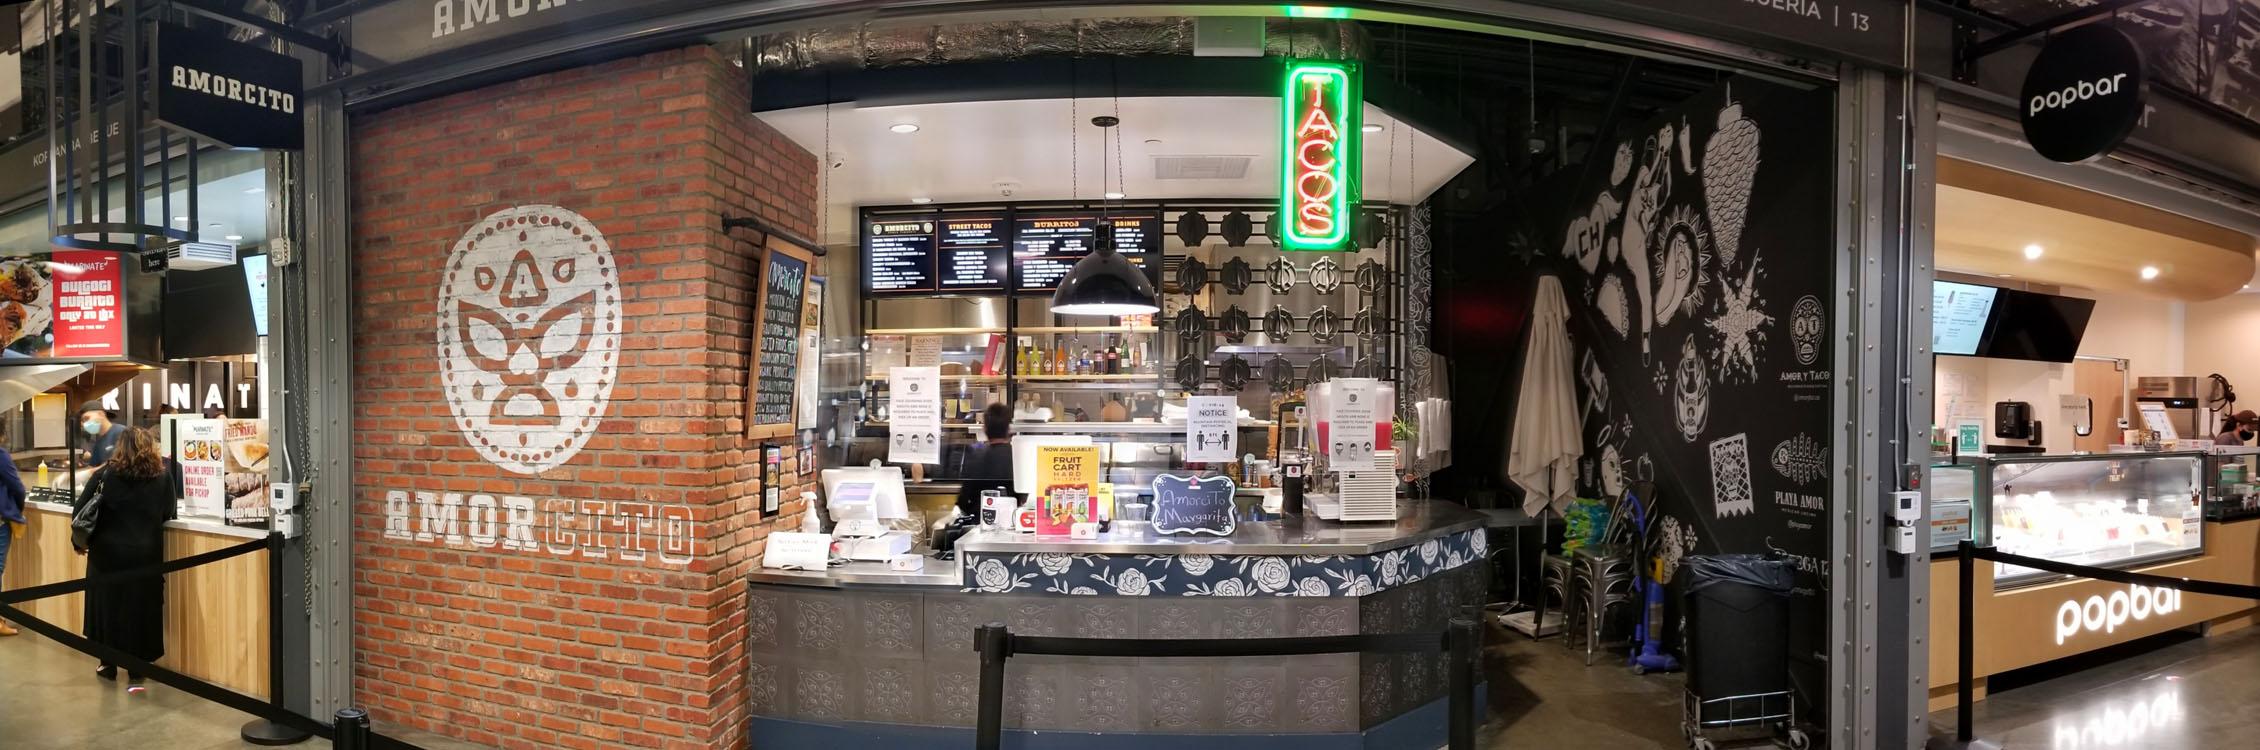 Amorcito Storefront